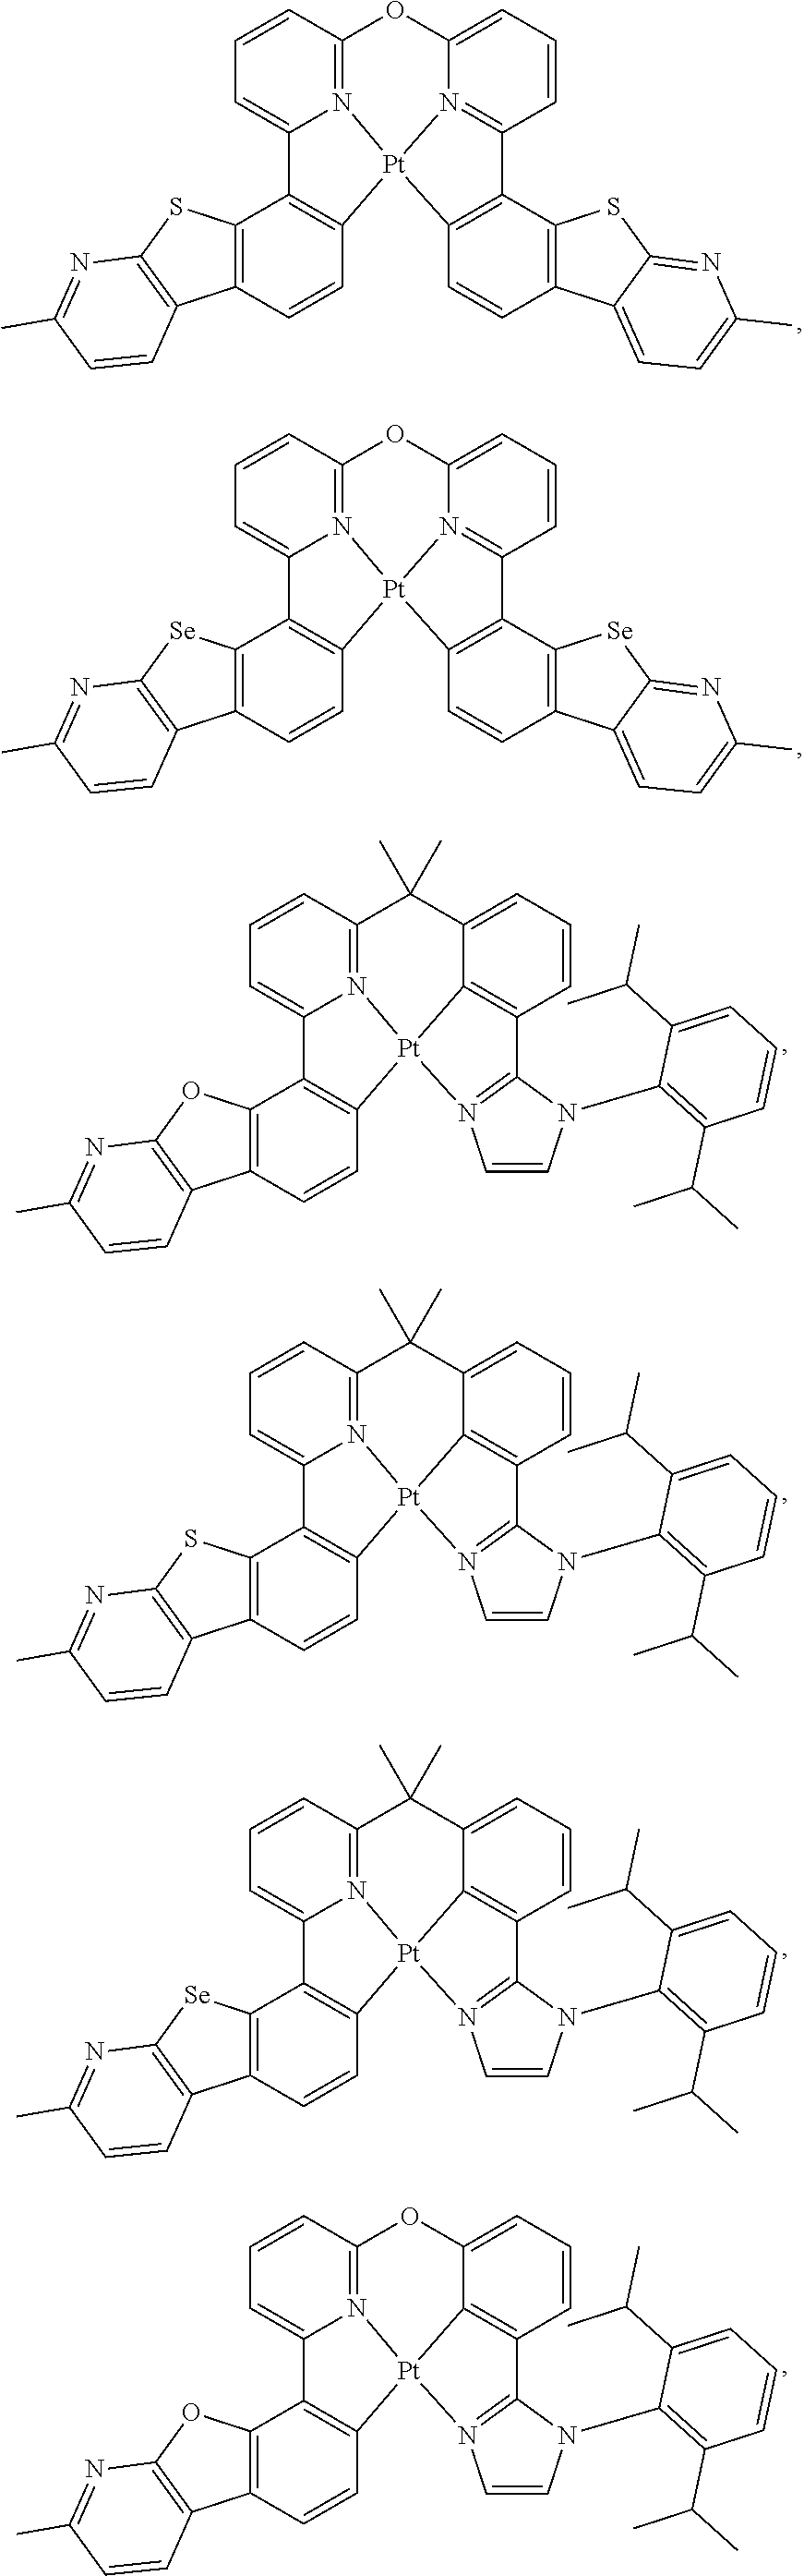 Figure US09871214-20180116-C00022